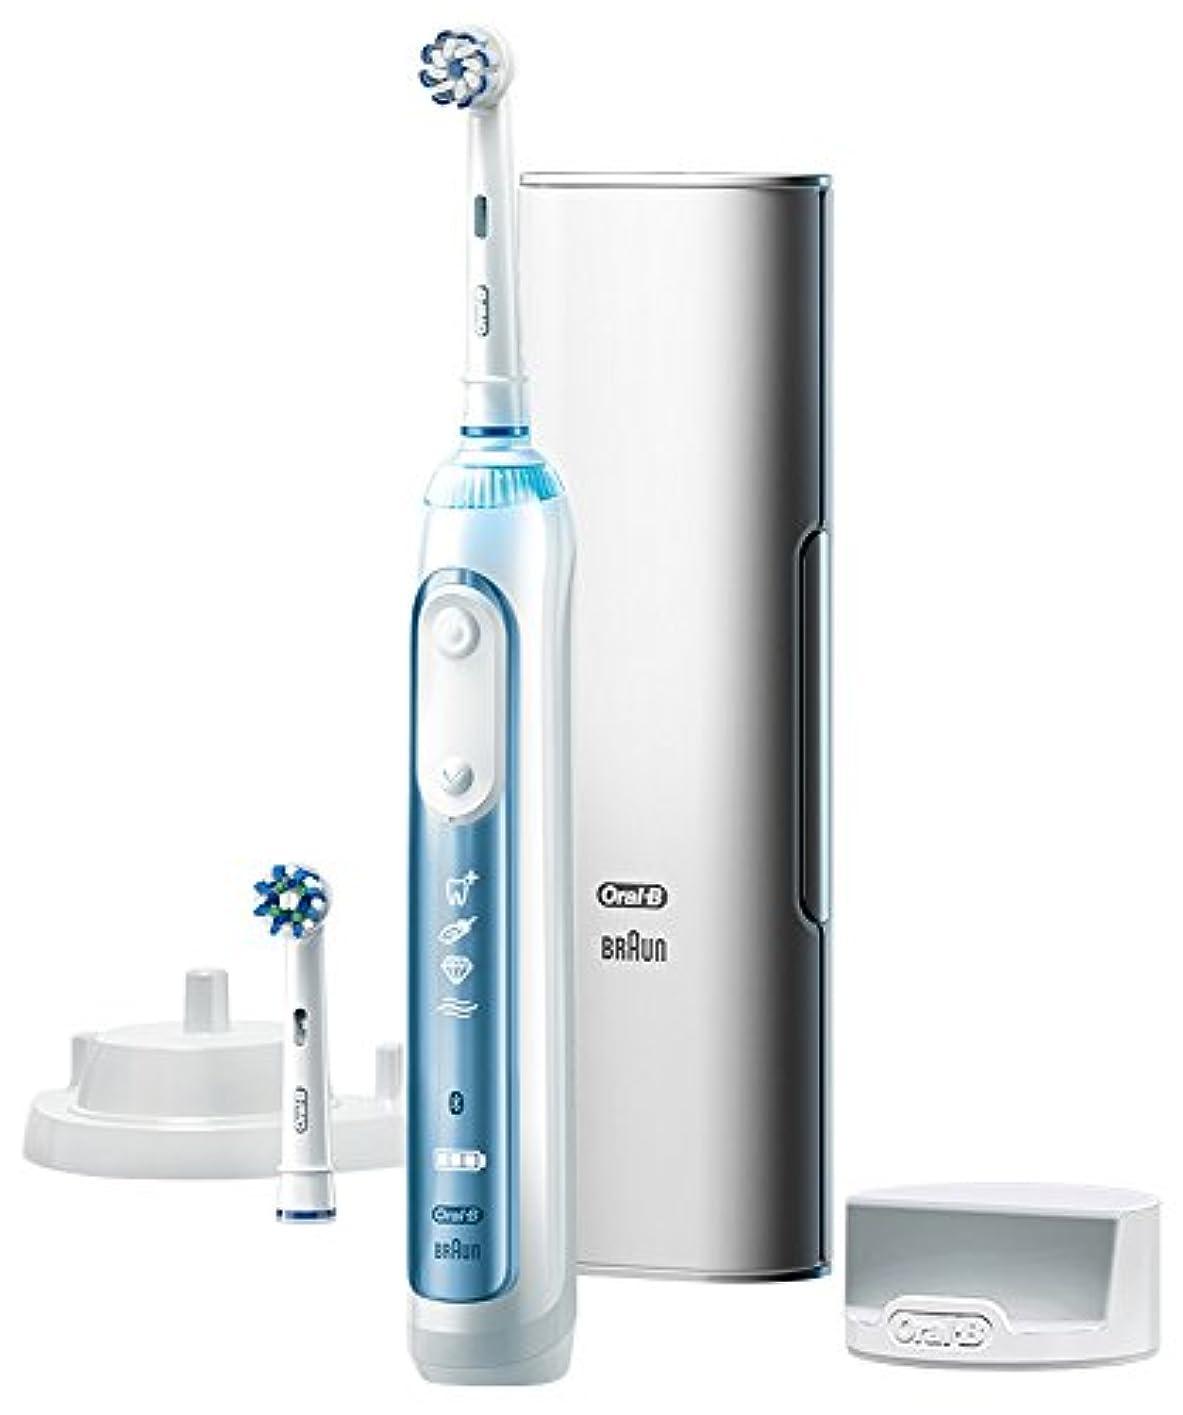 入る技術的なプレーヤーブラウン オーラルB 電動歯ブラシ スマート7000 D7005245XP D7005245XP